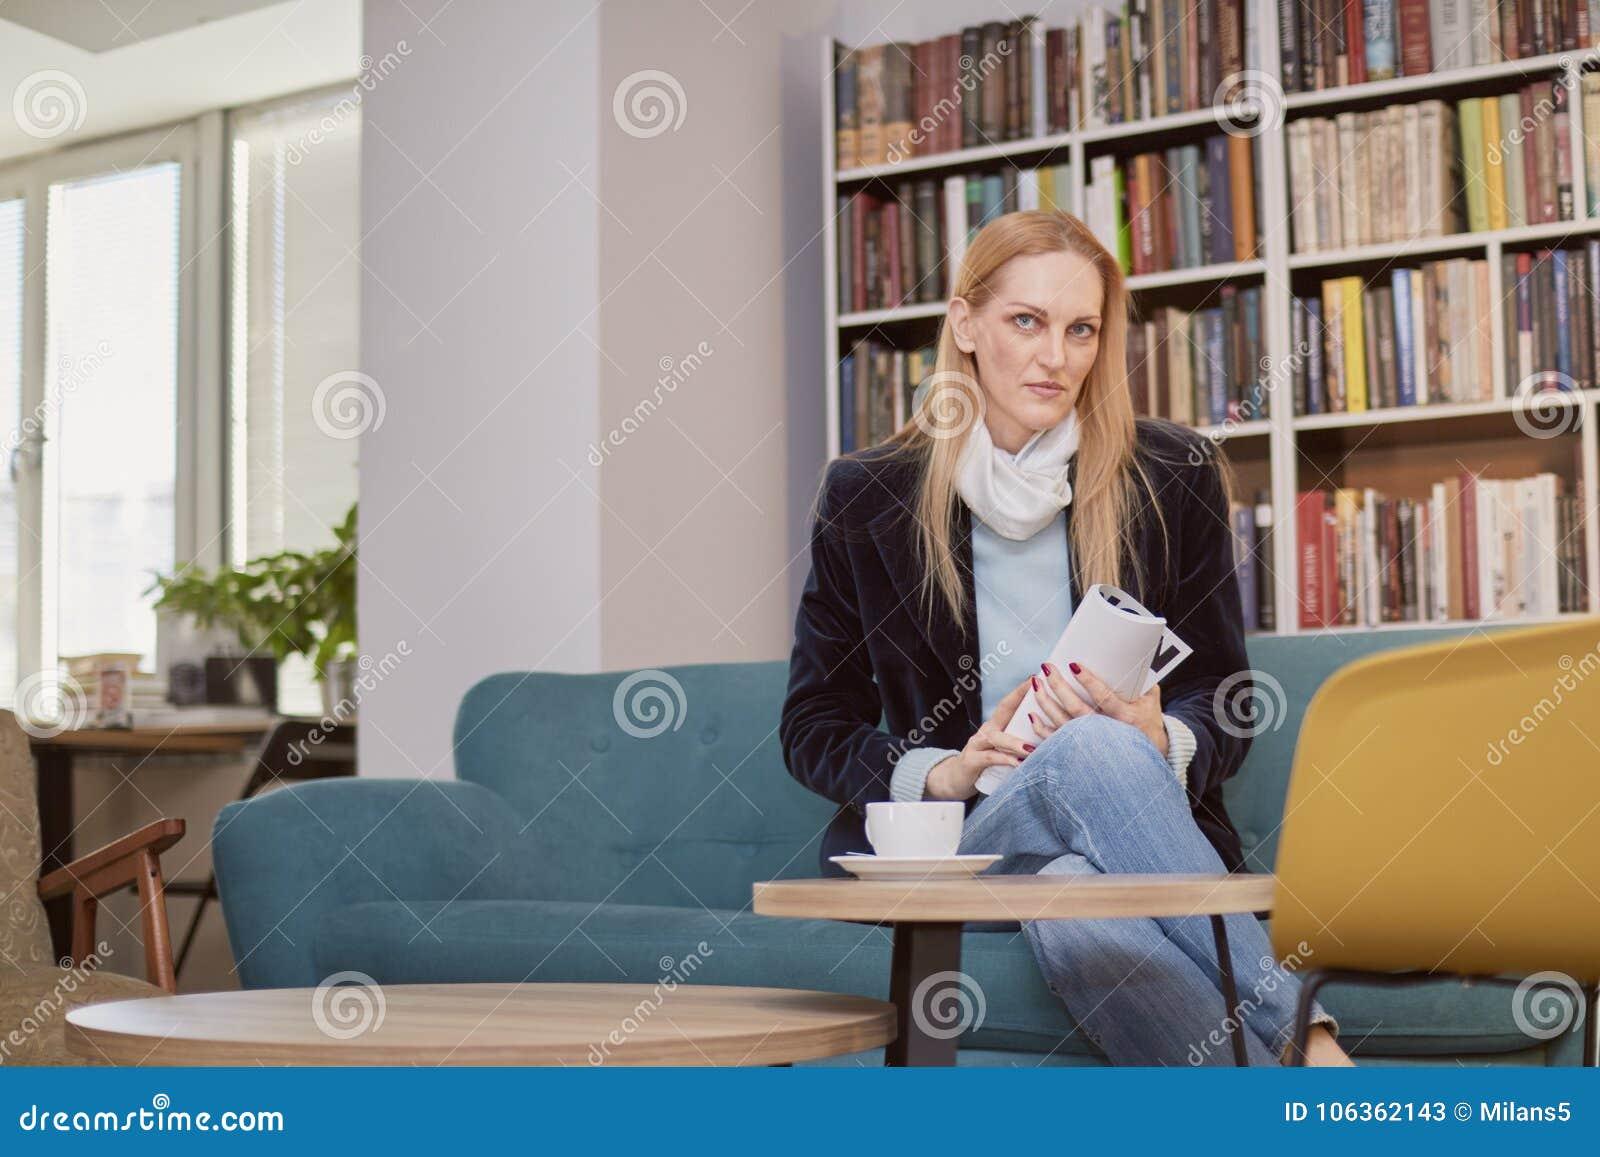 boek 40 jaar vrouw Één Vrouw, 40 Jaar Oud, Houdend Tijdschrift, Die In Boekhandel  boek 40 jaar vrouw